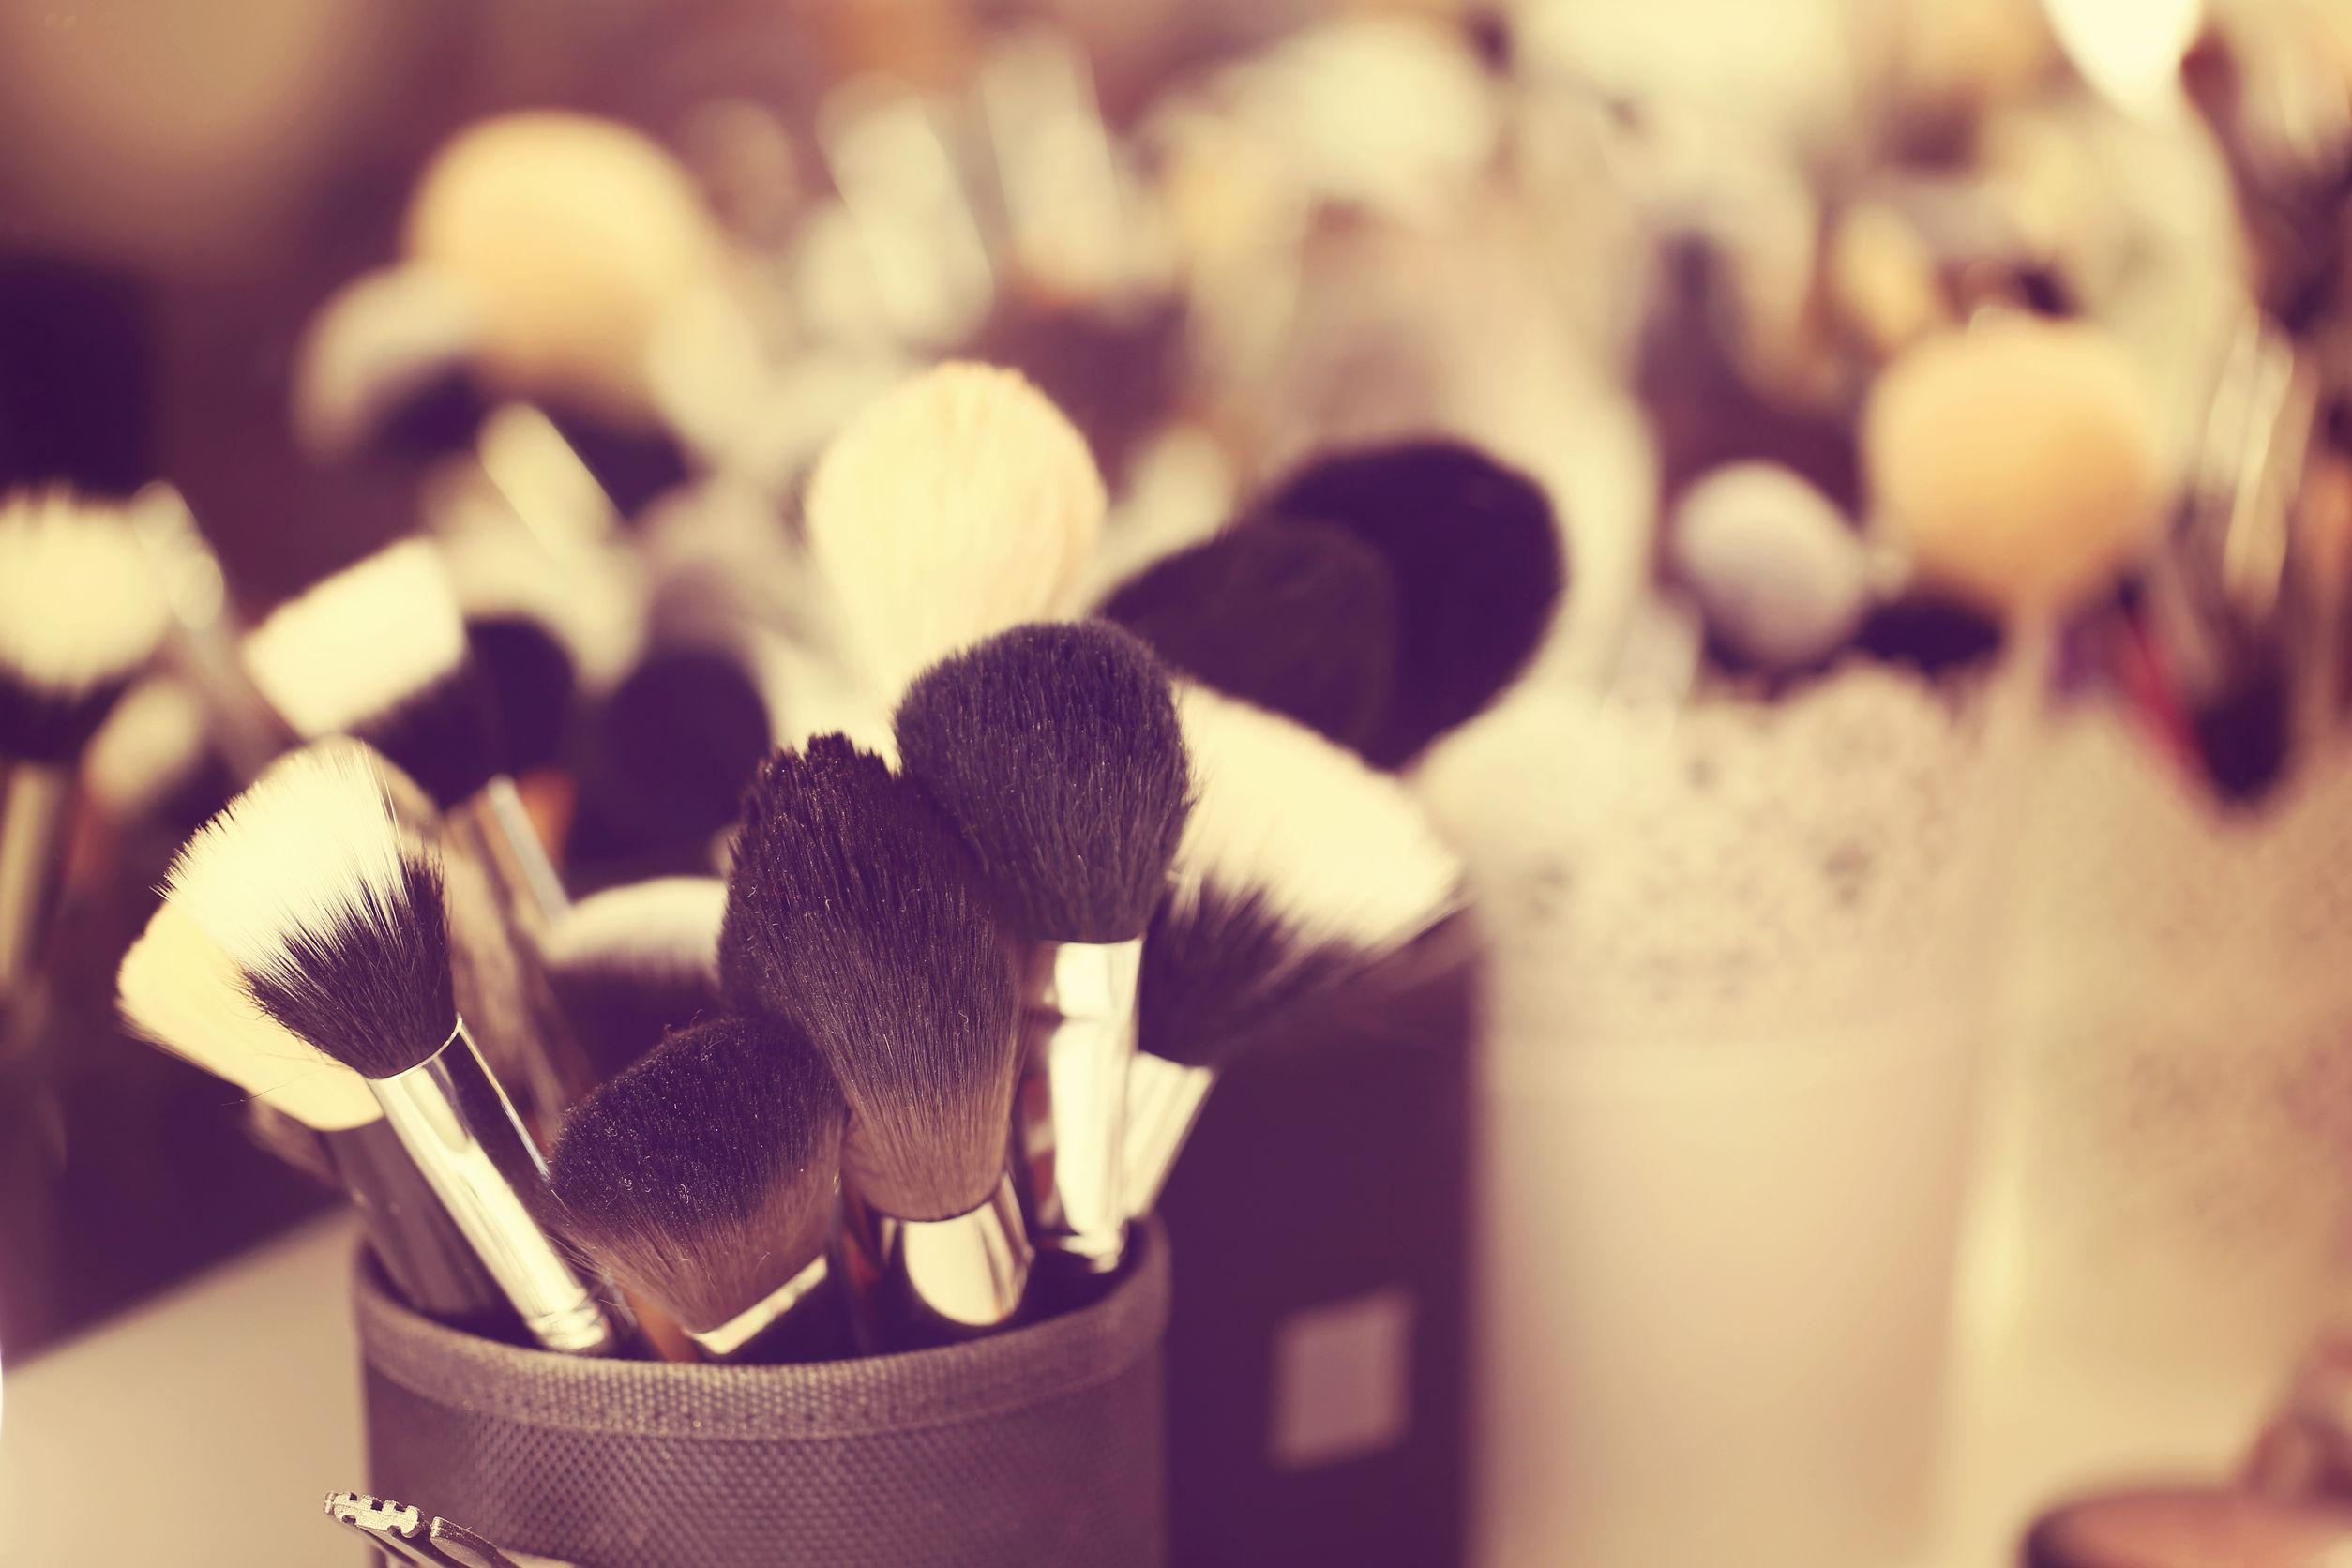 43332764 - brusher for make up